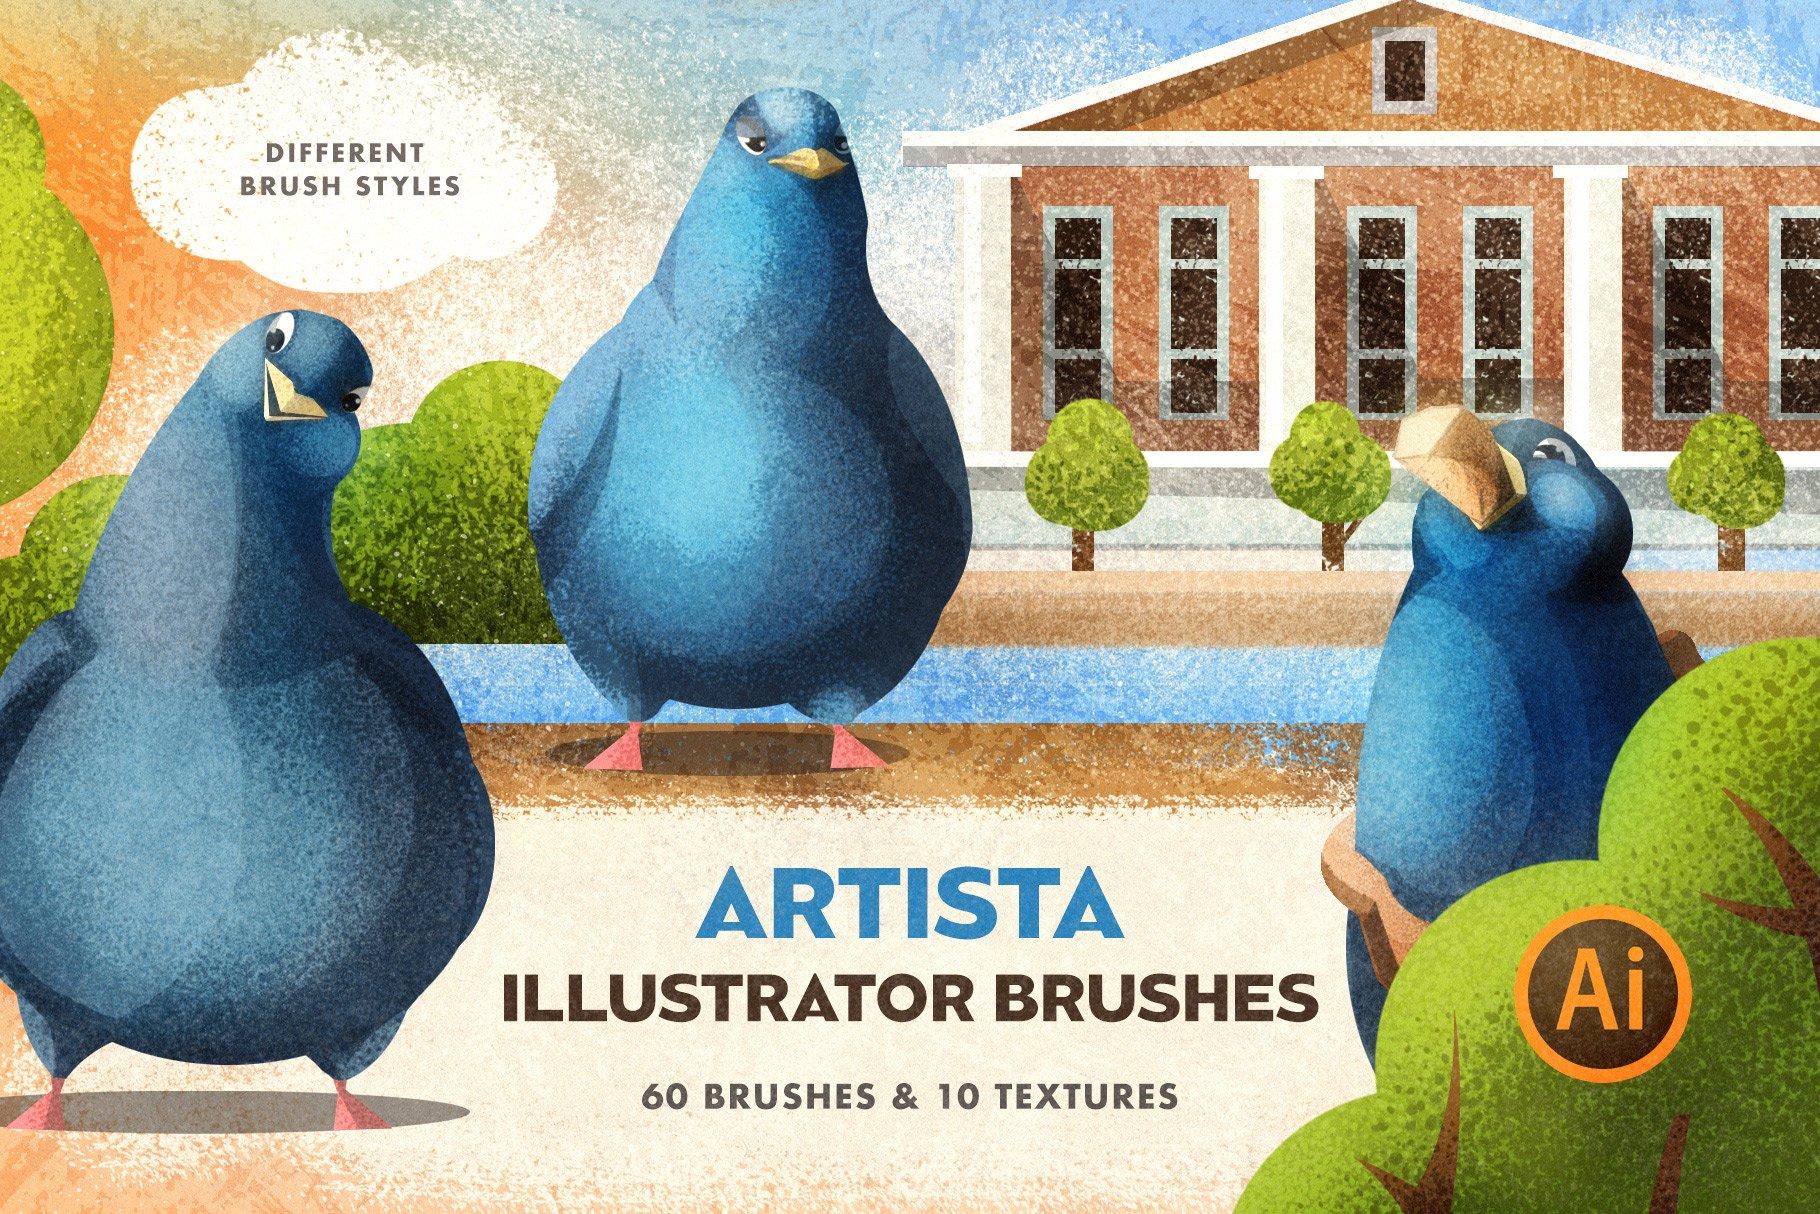 1 illustrator brushes 2